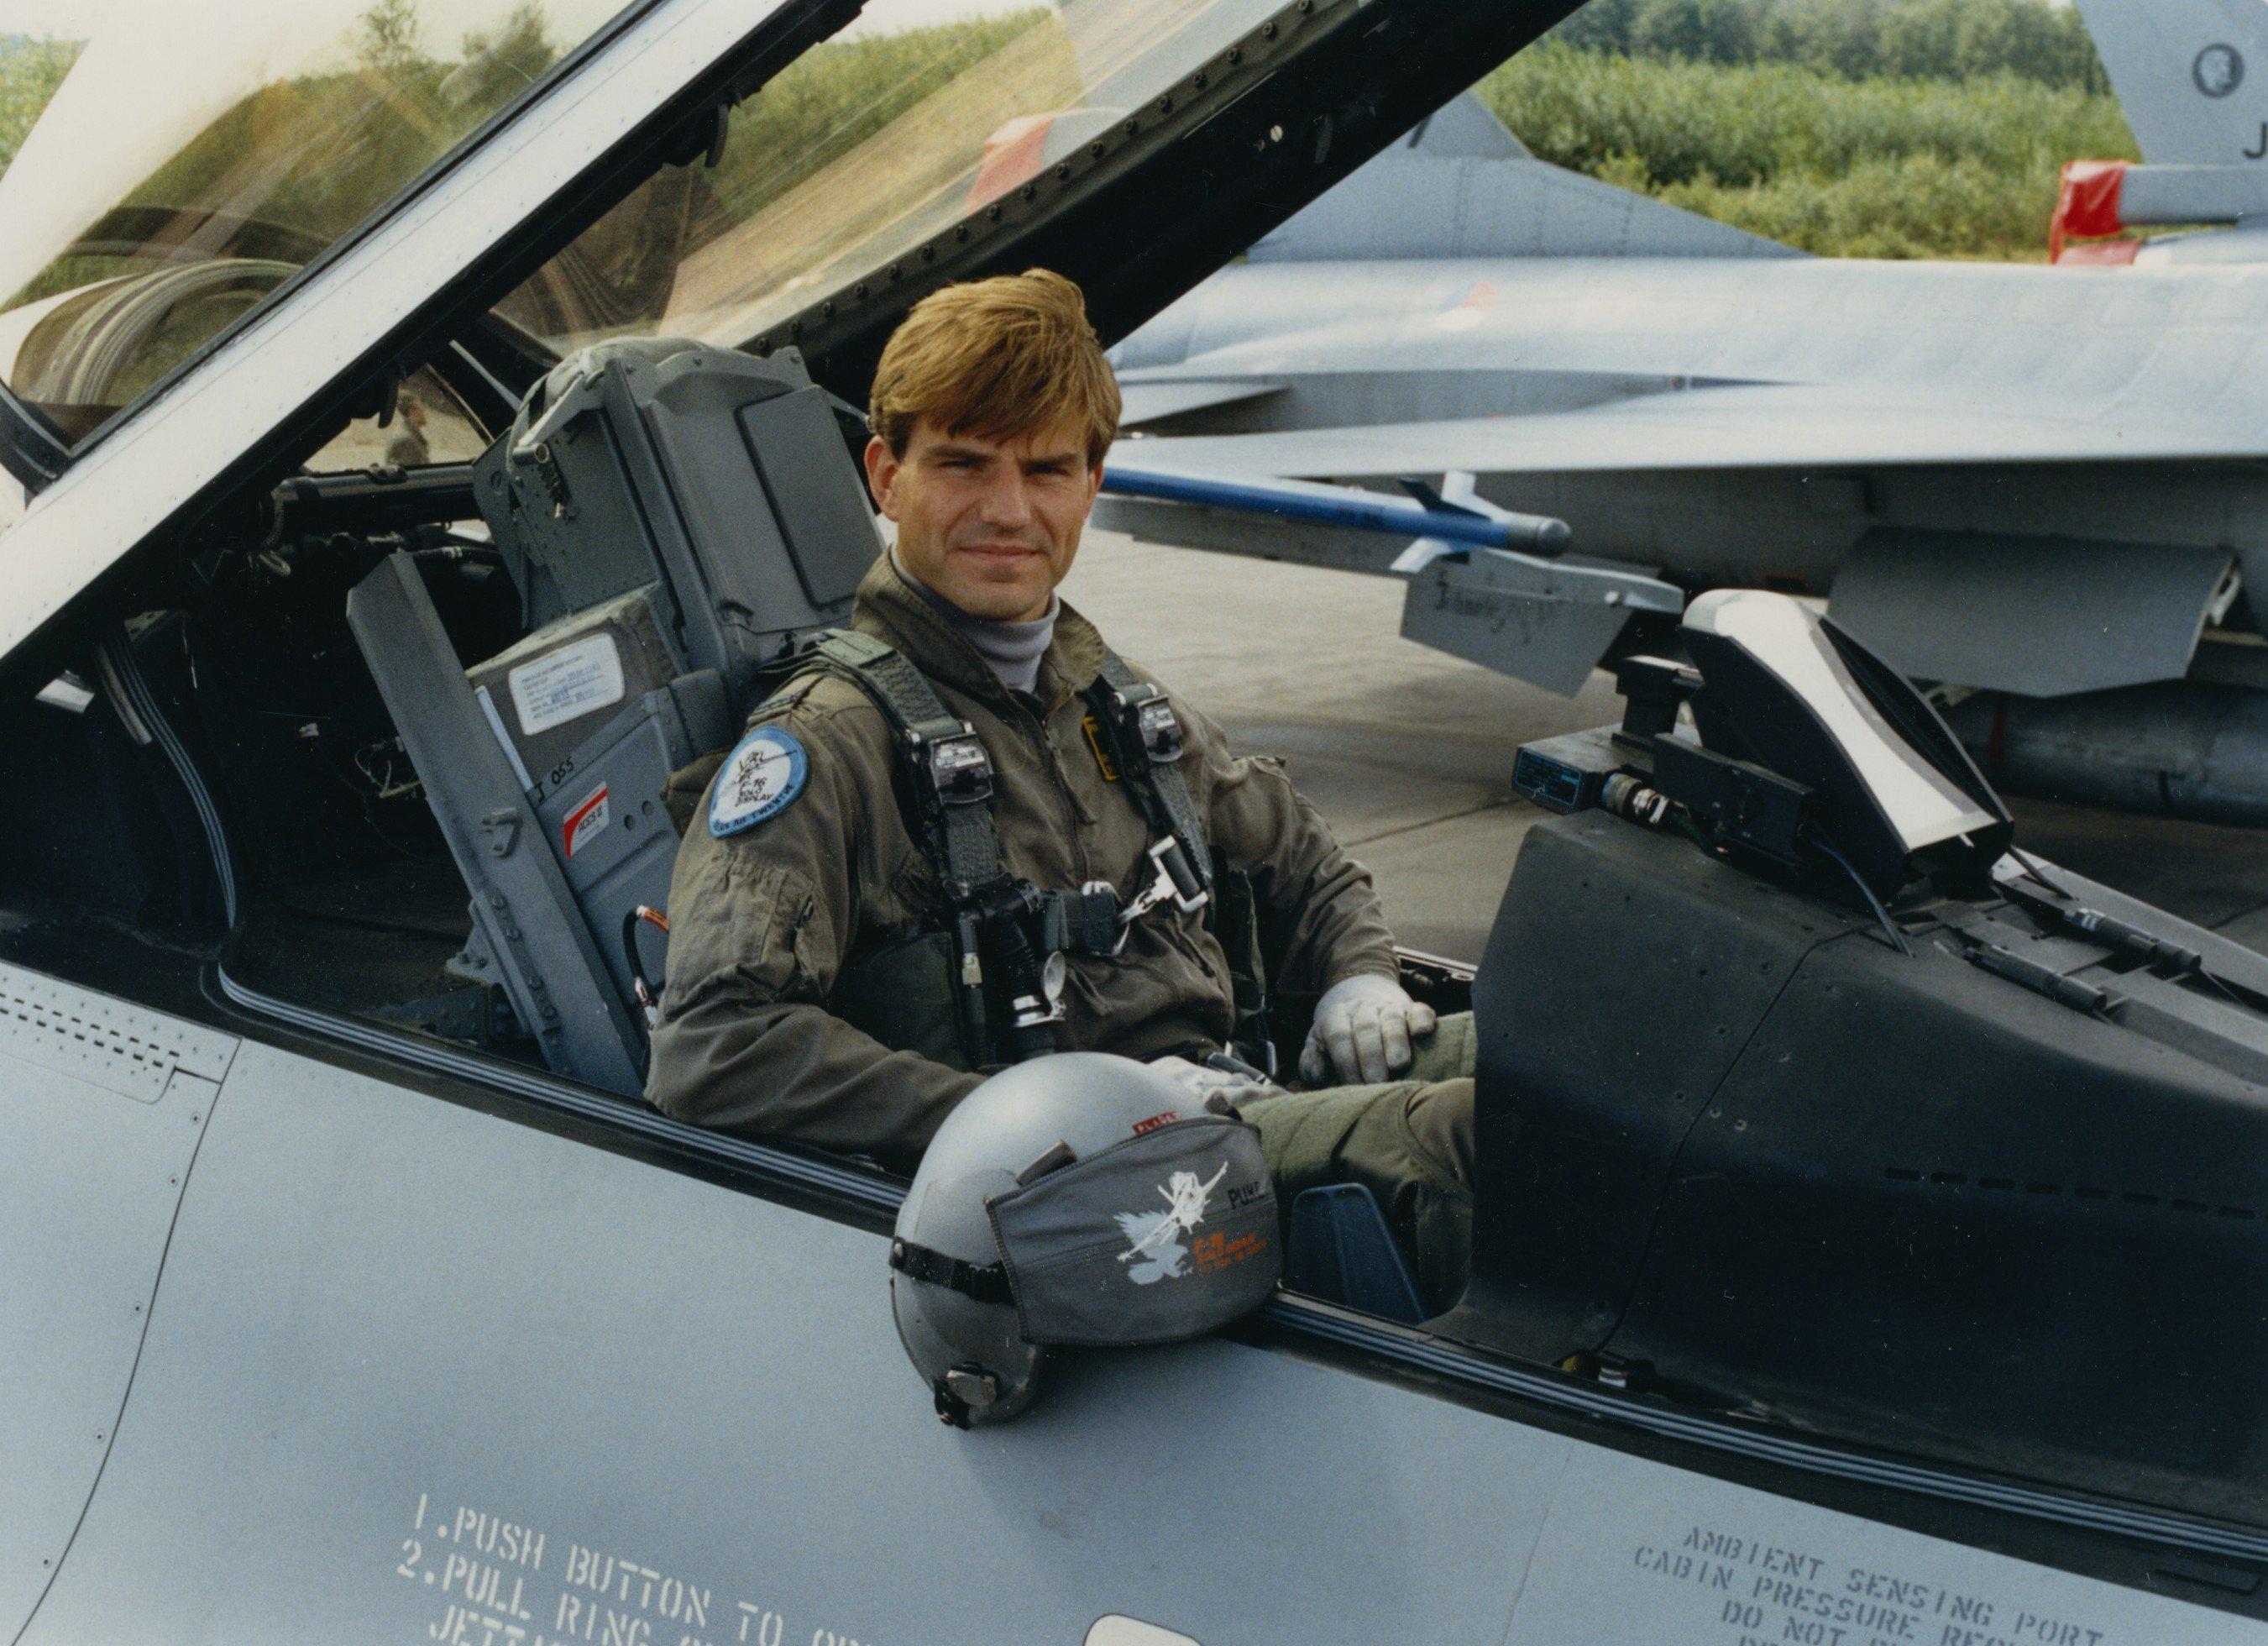 Luitenant Pladet in de F-16 via Beeldbank Min. van Defensie